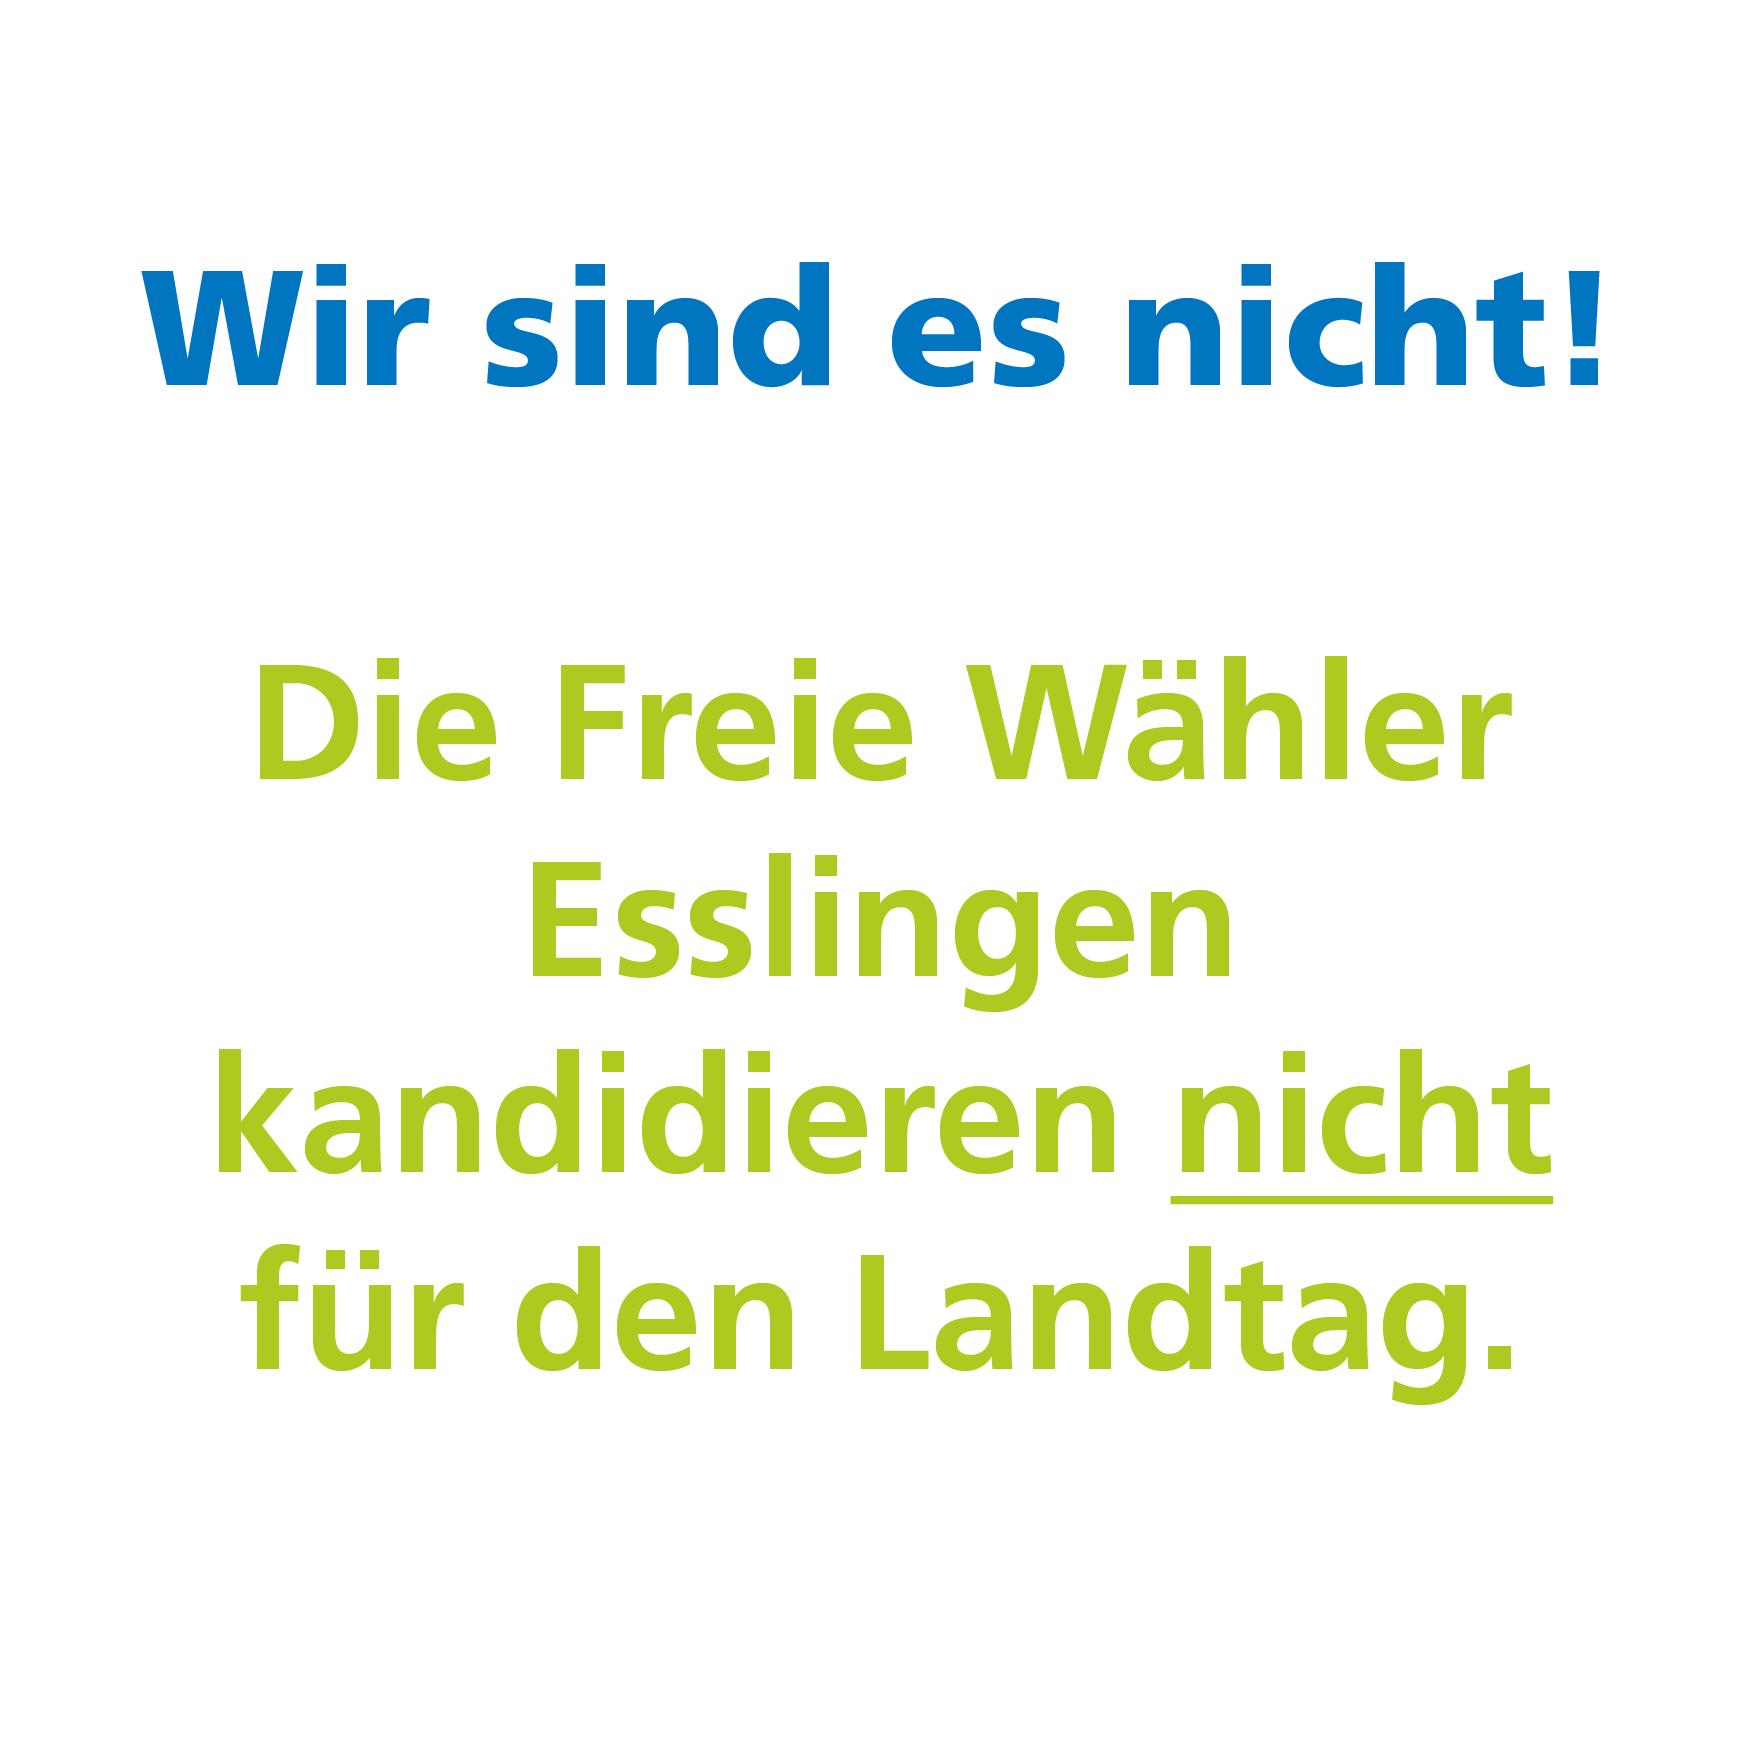 Wir sind es nicht! Die Freie Wähler Esslingen kandidieren nicht für den Landtag.